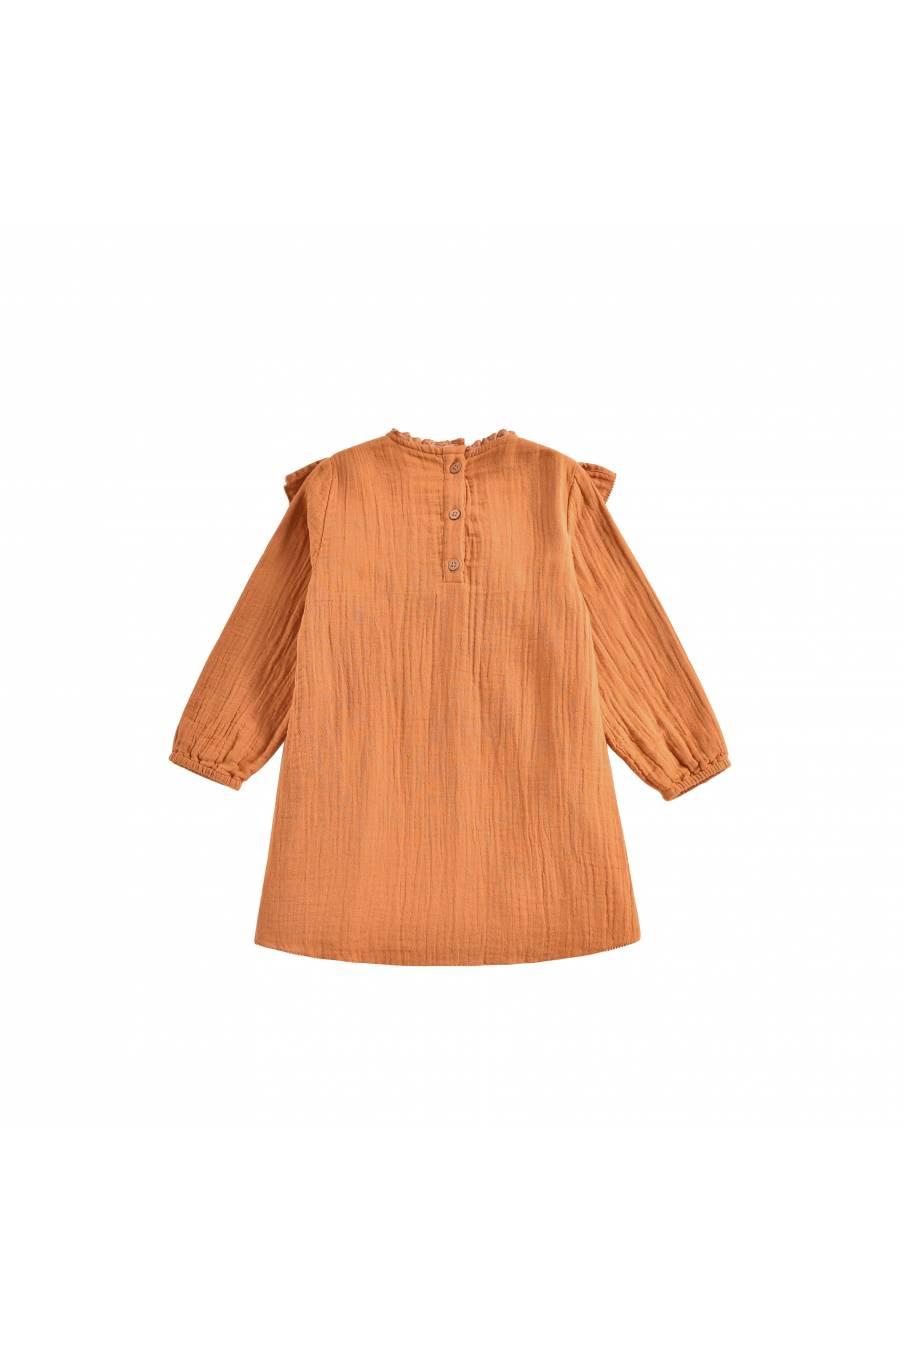 boheme chic vintage robe bébé fille akuti dark safran